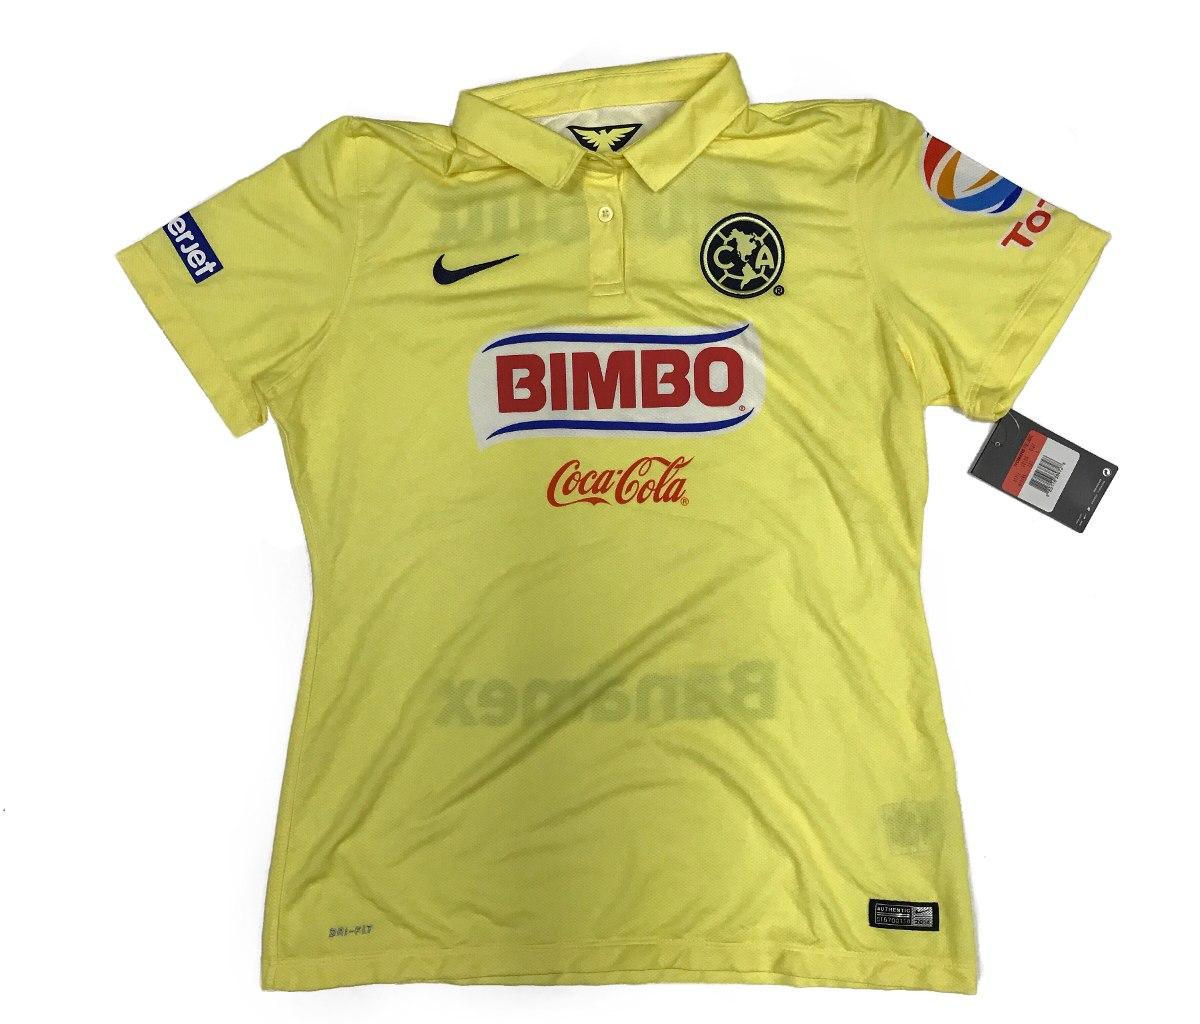 Playera America Nike Local Dama -   799.00 en Mercado Libre 9083293ab585e